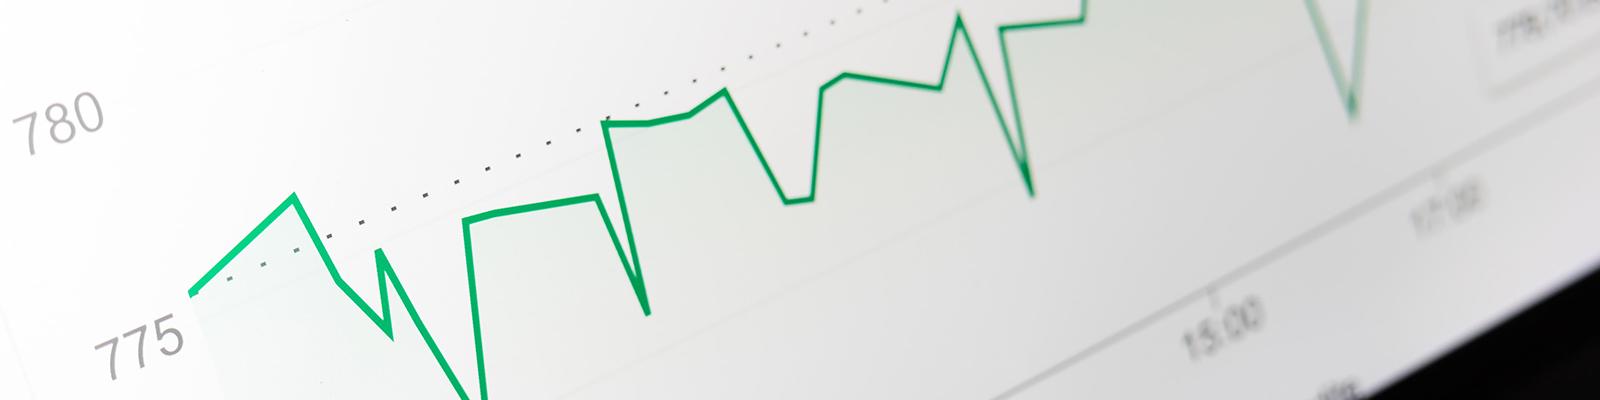 Maestría en Finanzas y Mercado de Capitales